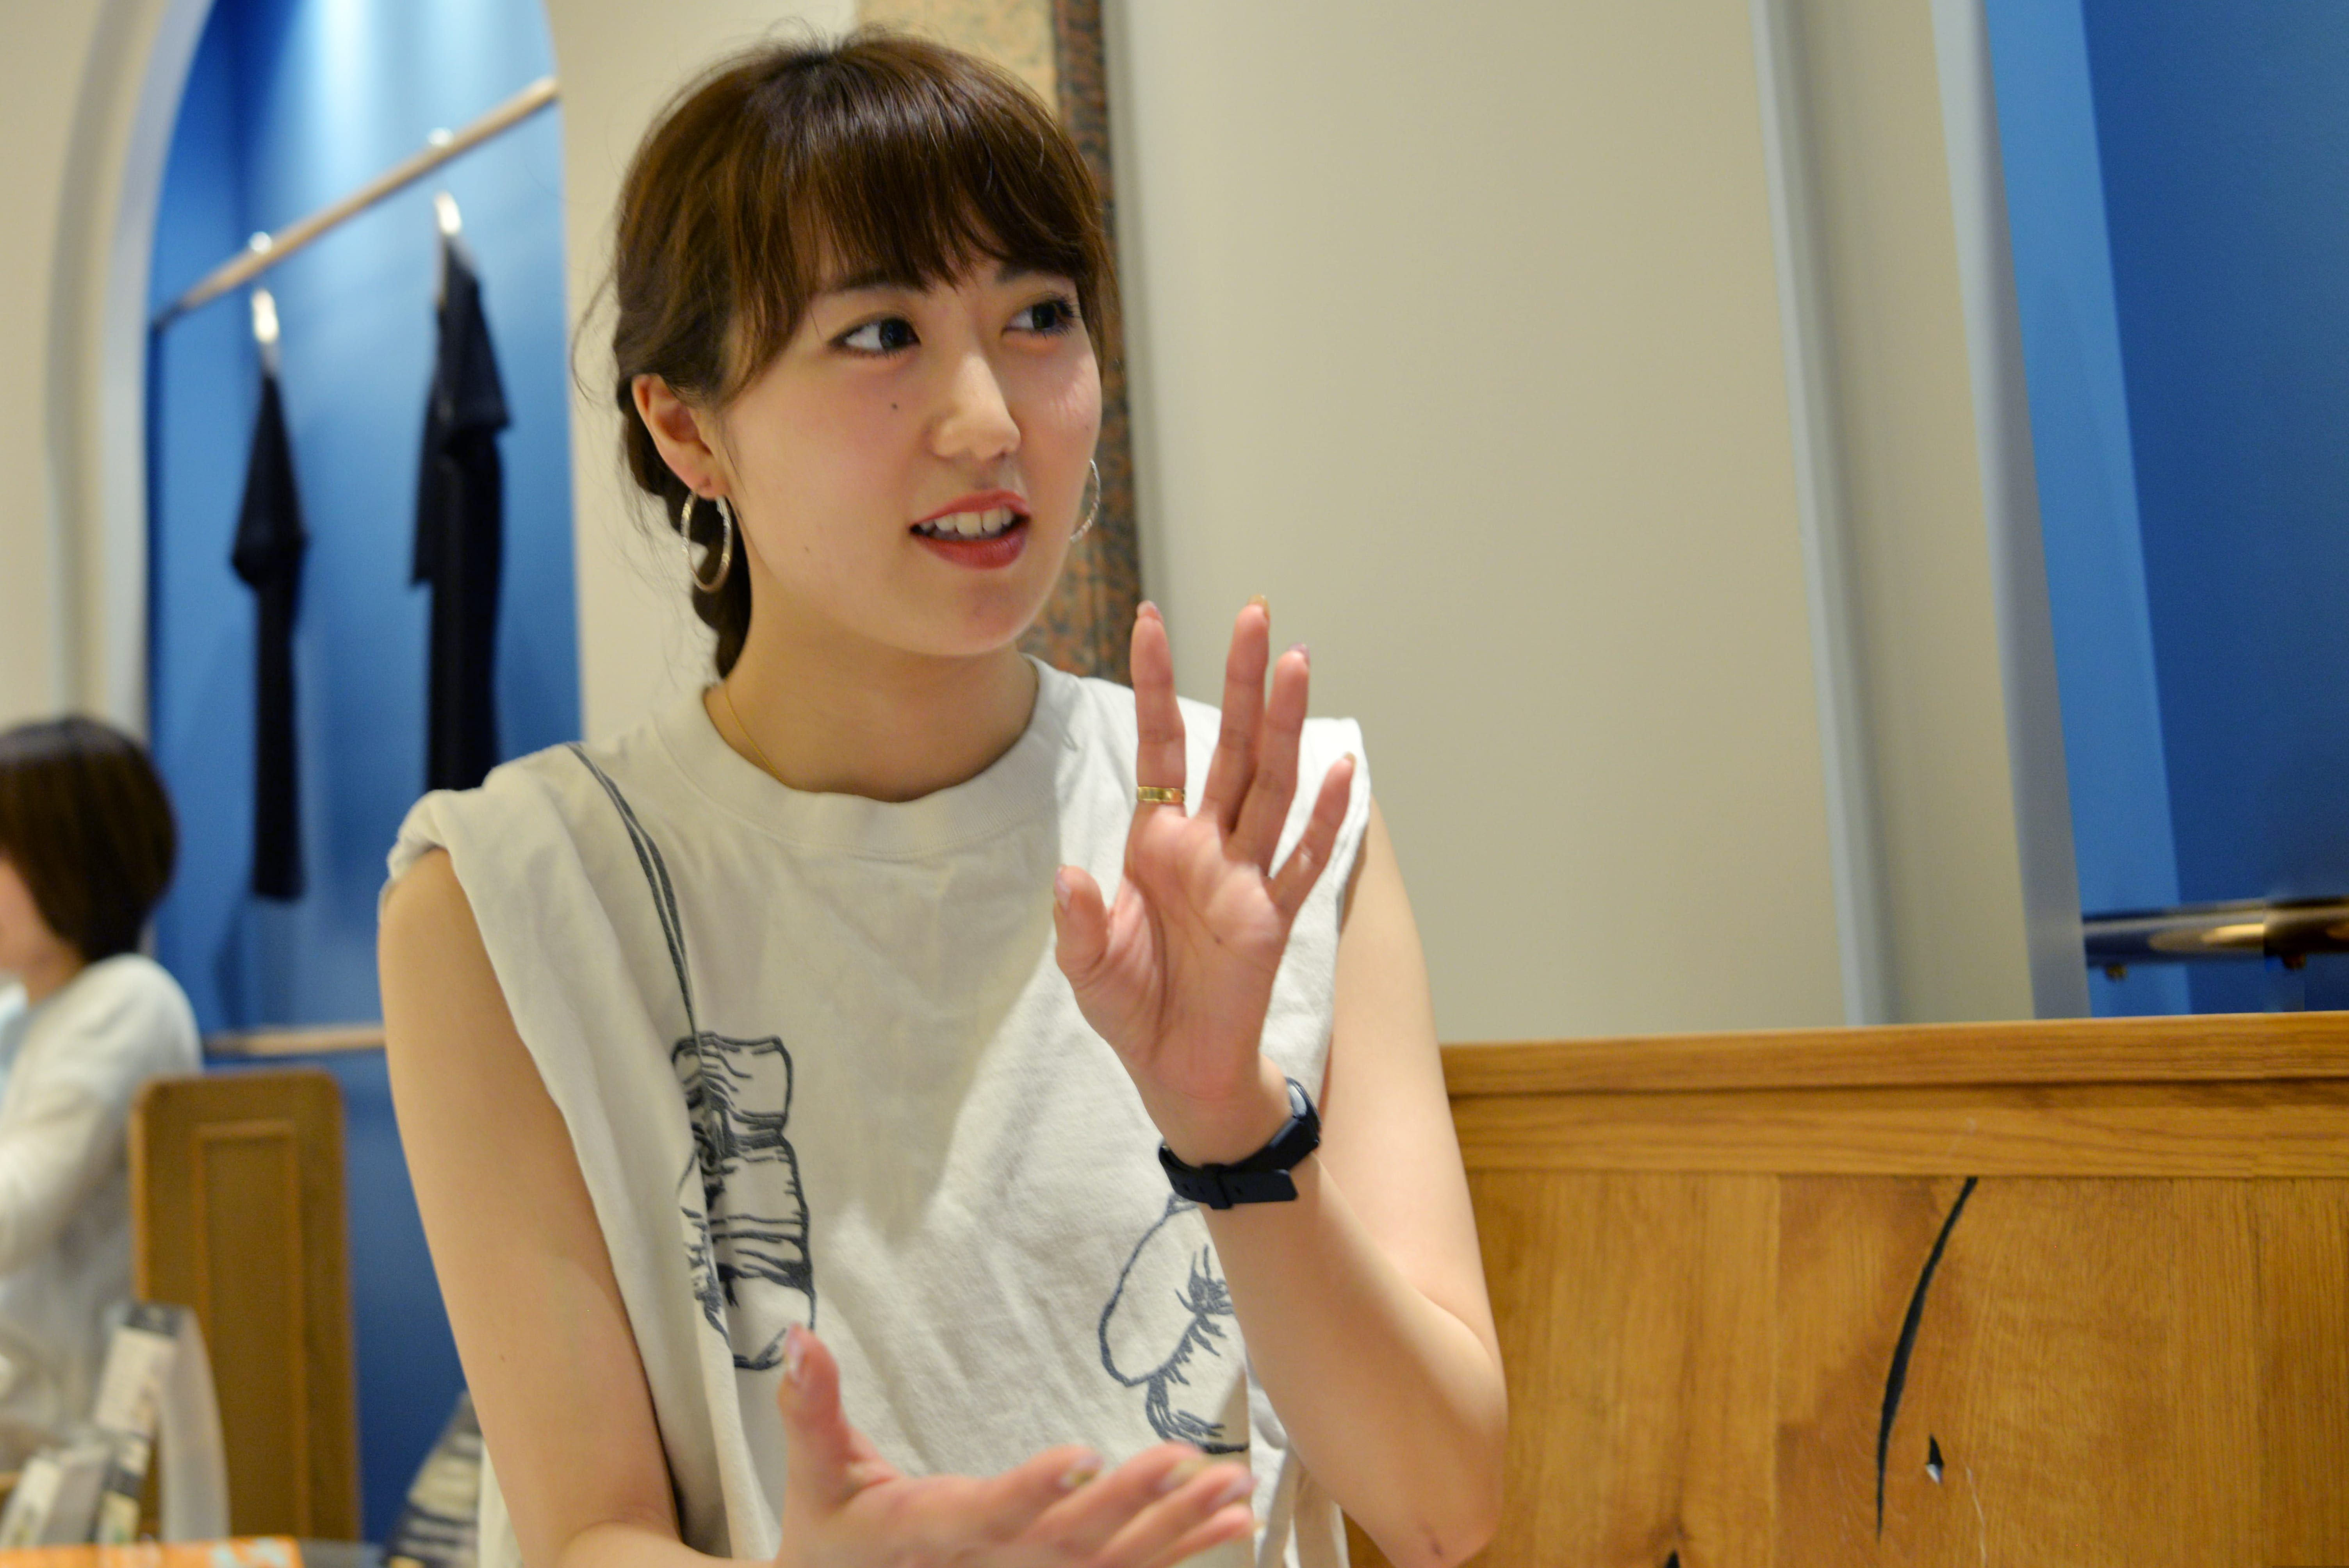 b-monsterパフォーマーNANA。子役としてドラマ、CMで活躍していた小学生時代